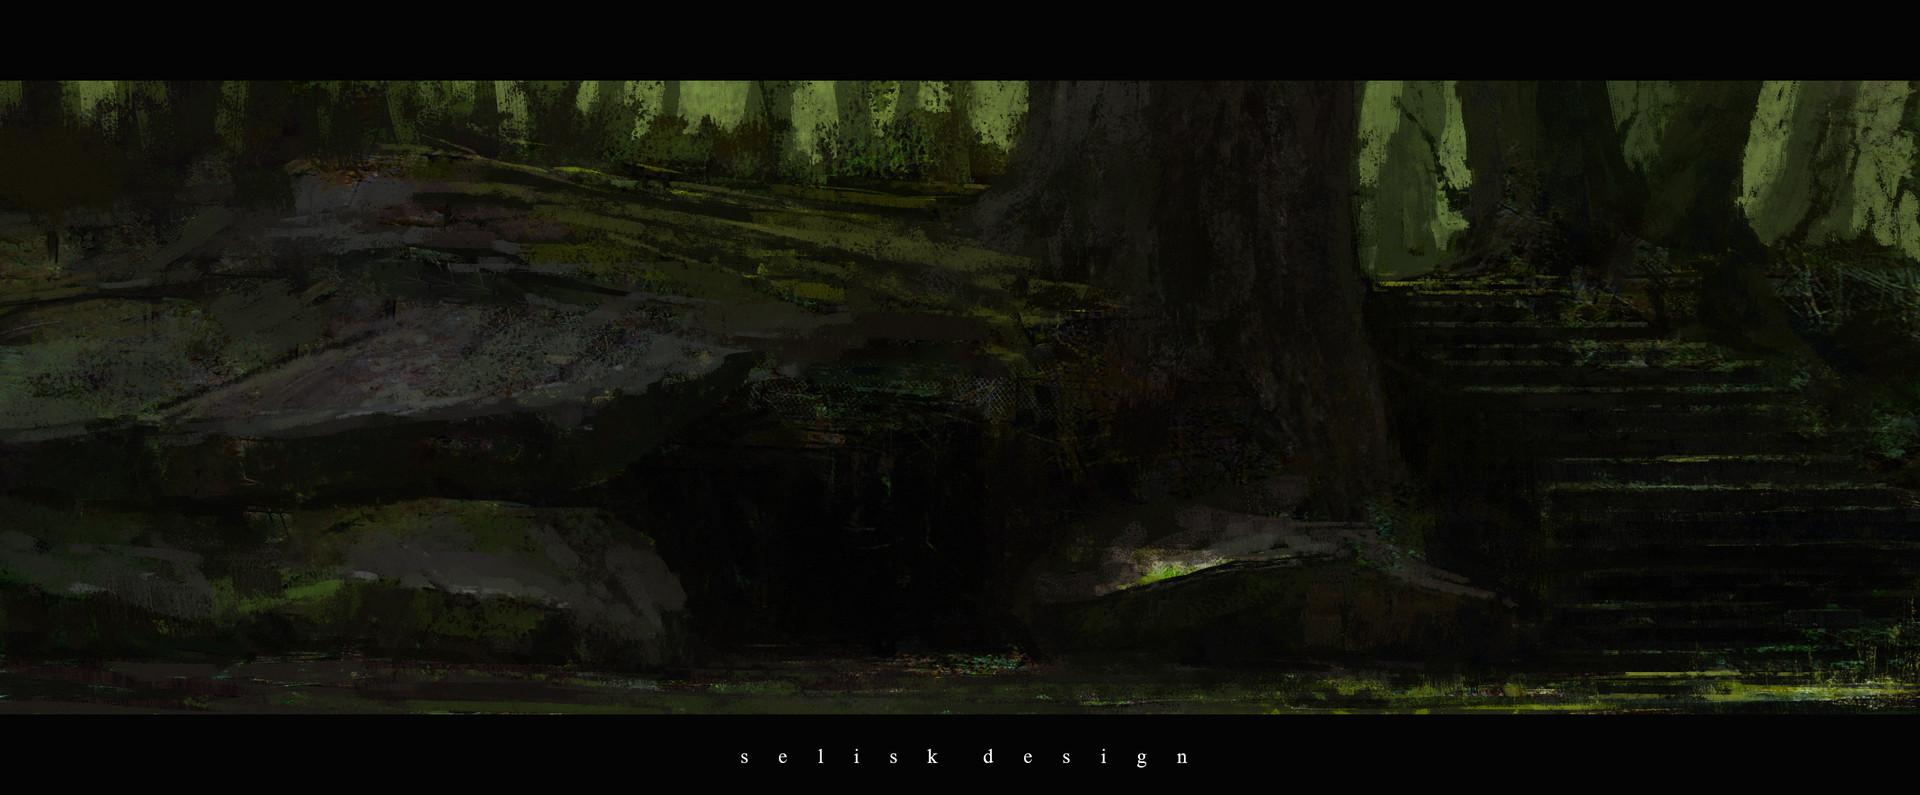 Dimitrije miljus forest